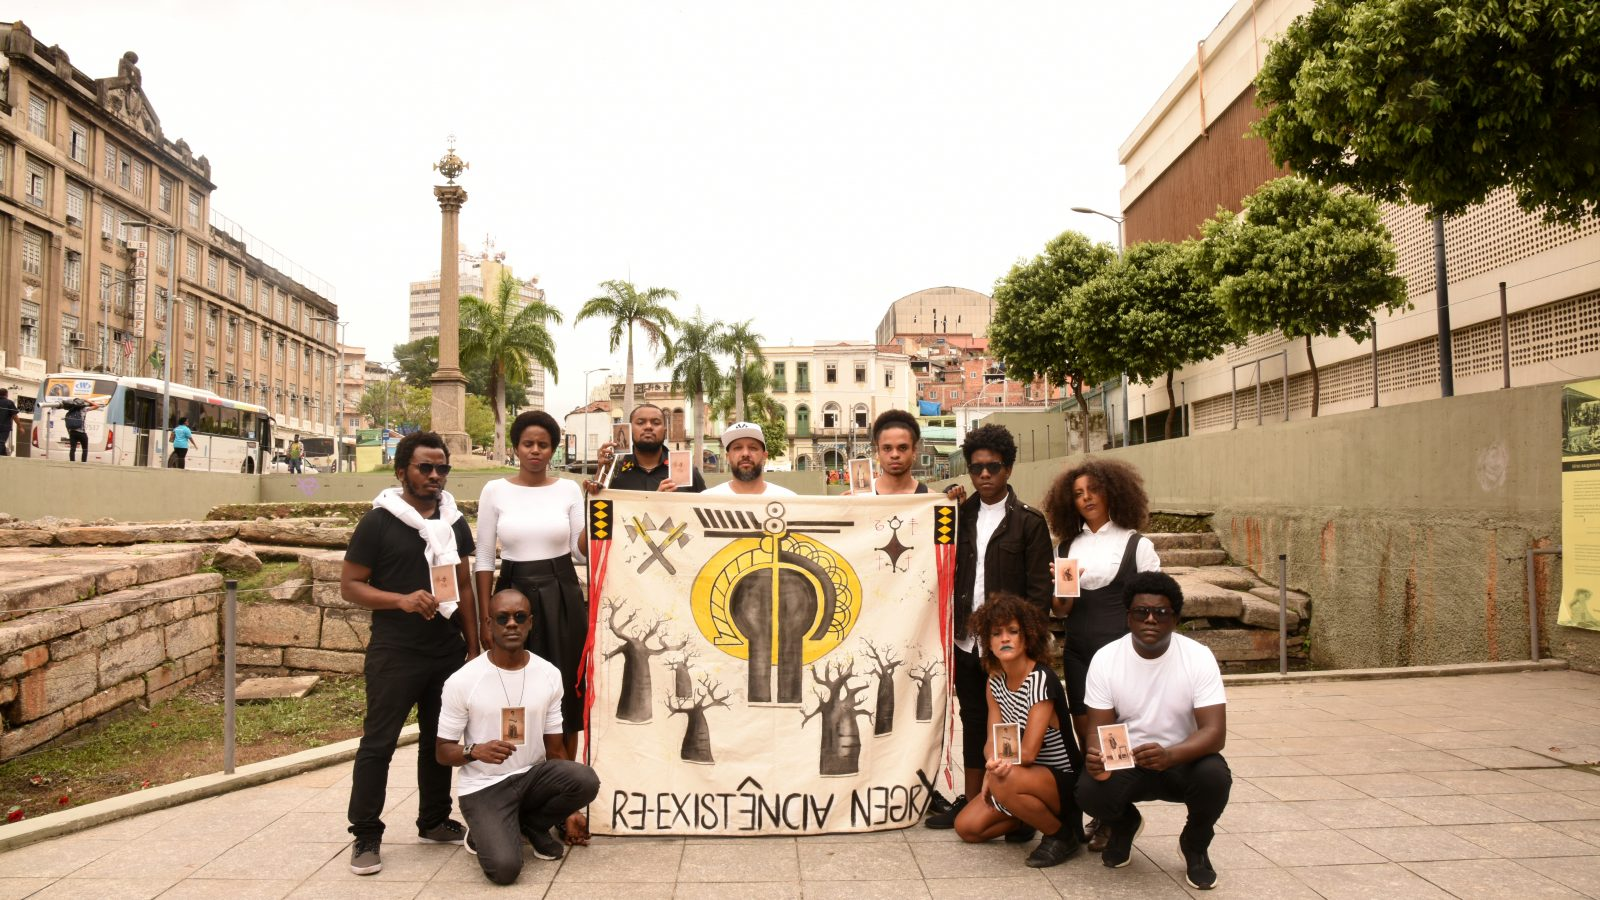 """<p><span style=""""font-weight: 400;"""">Amefricanidades: Visões ameríndias e negras sobre território e sociedade brasileiros se encontram em nova iniciativa do Coletivo Legítima Defesa</span></p>"""